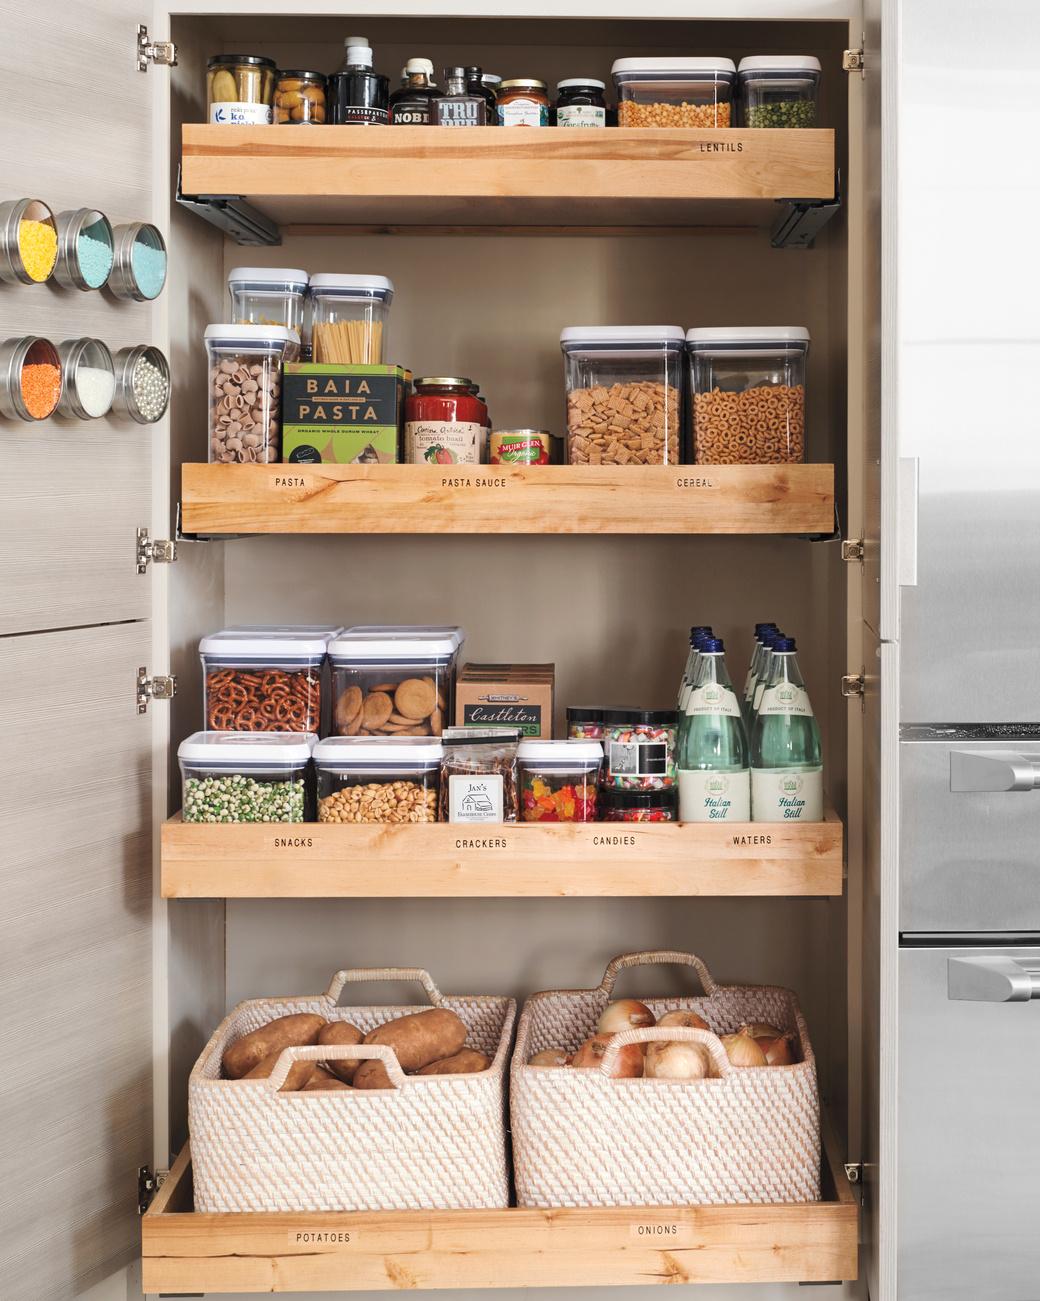 despensa de alimentos com potes e cestas organizadoras